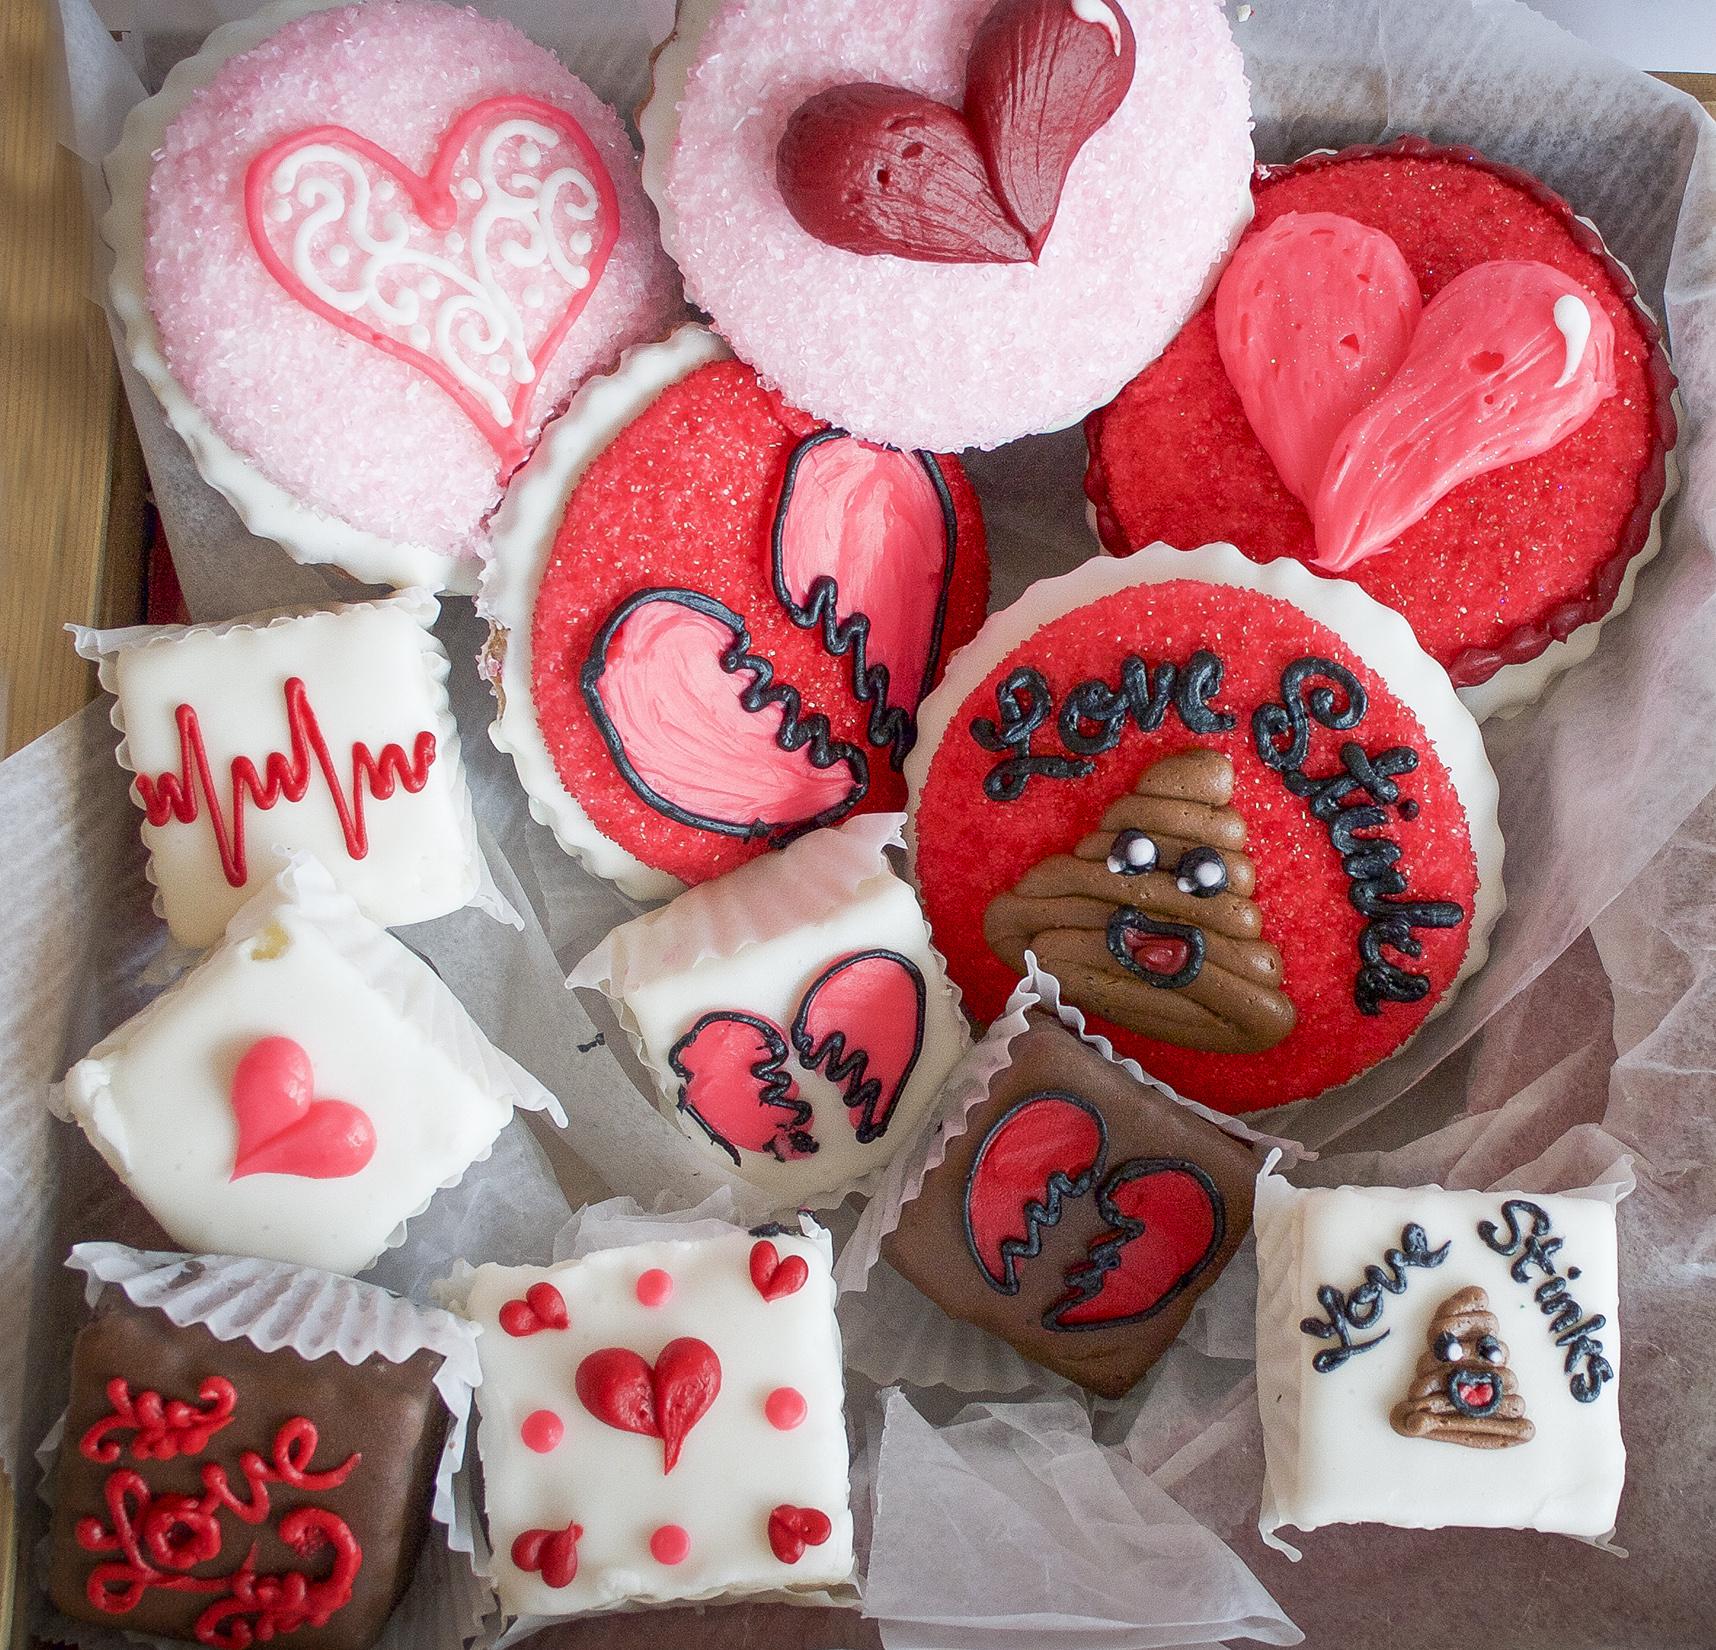 Houston Bakery Offers Valentineu0027s Day King Cake, Broken Hearts Treats